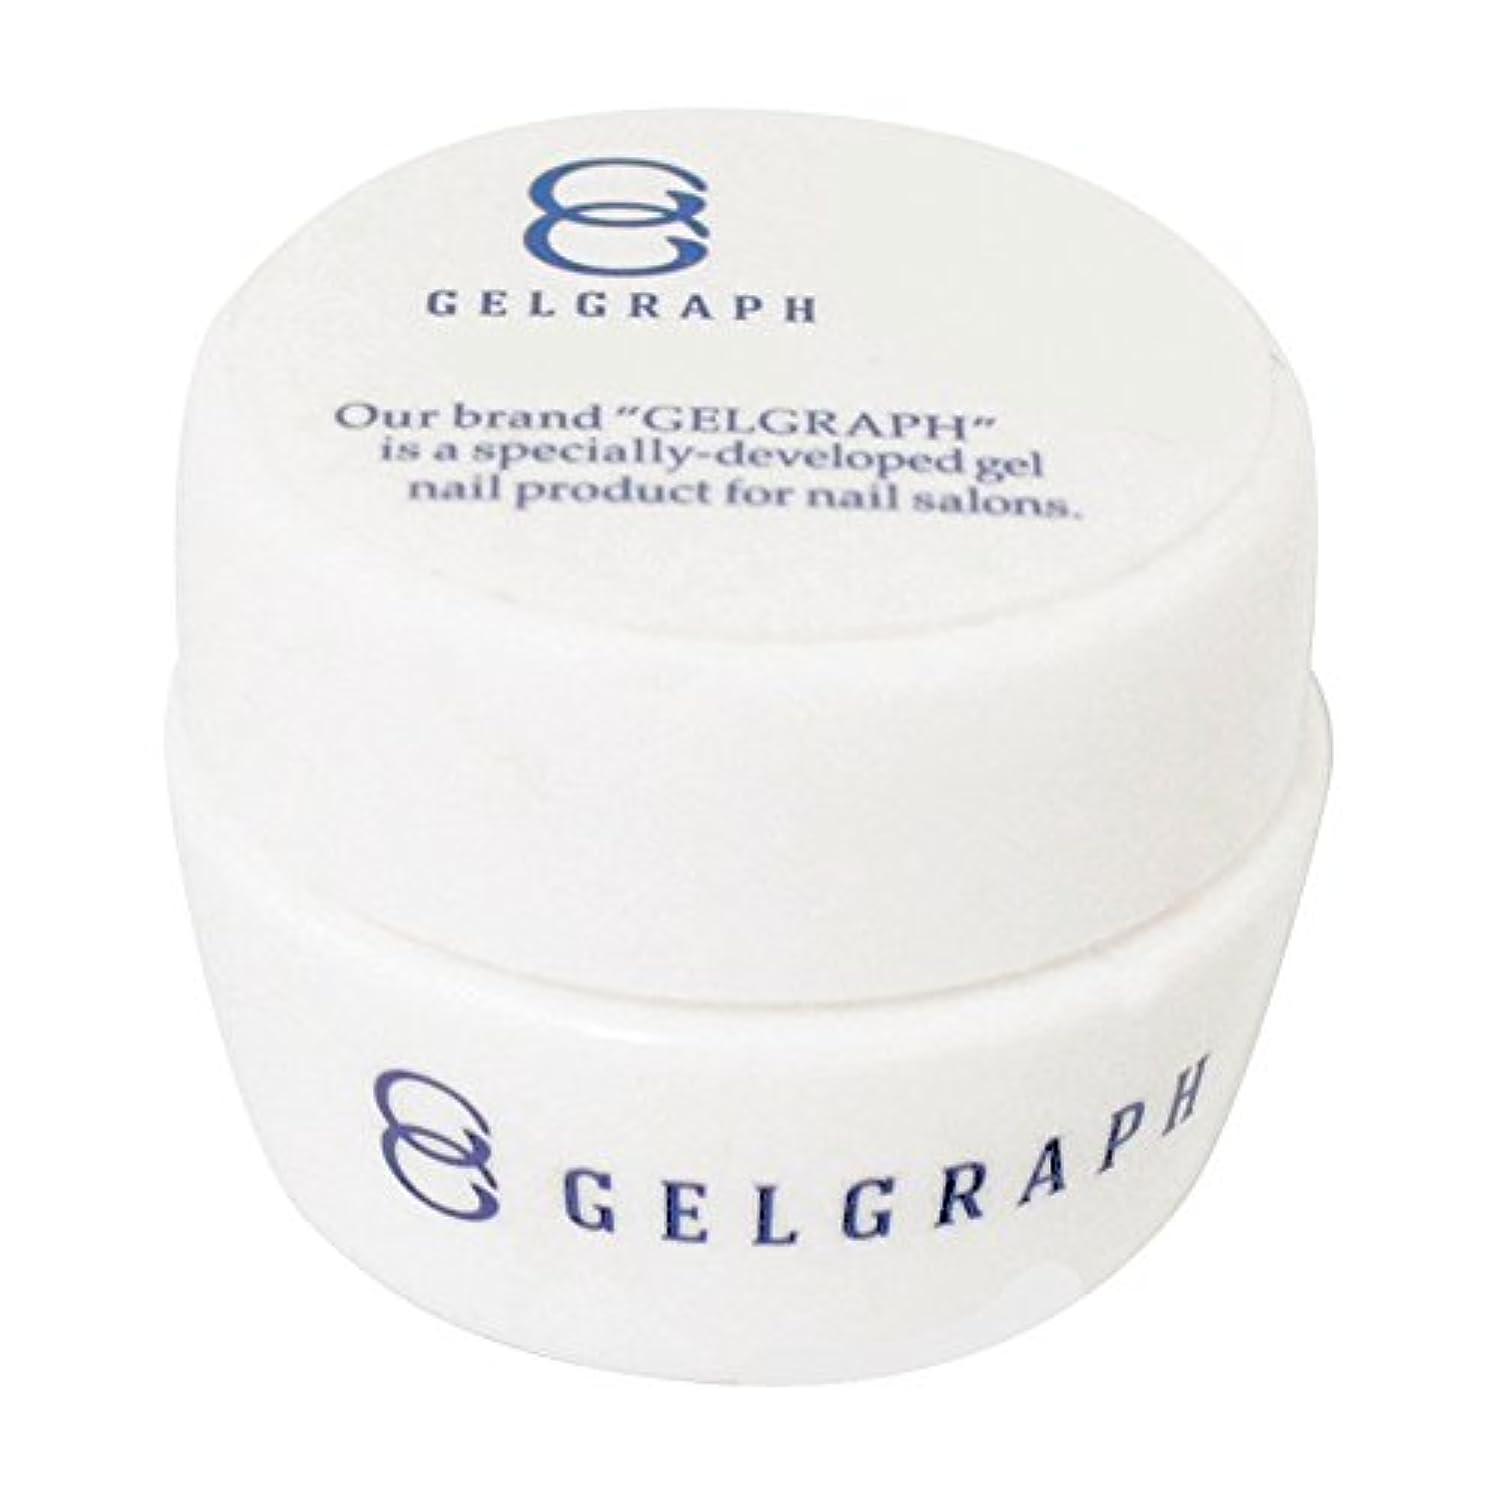 GELGRAPH カラージェル 121M ビスコタミルク 5g UV/LED対応 ソークオフジェル